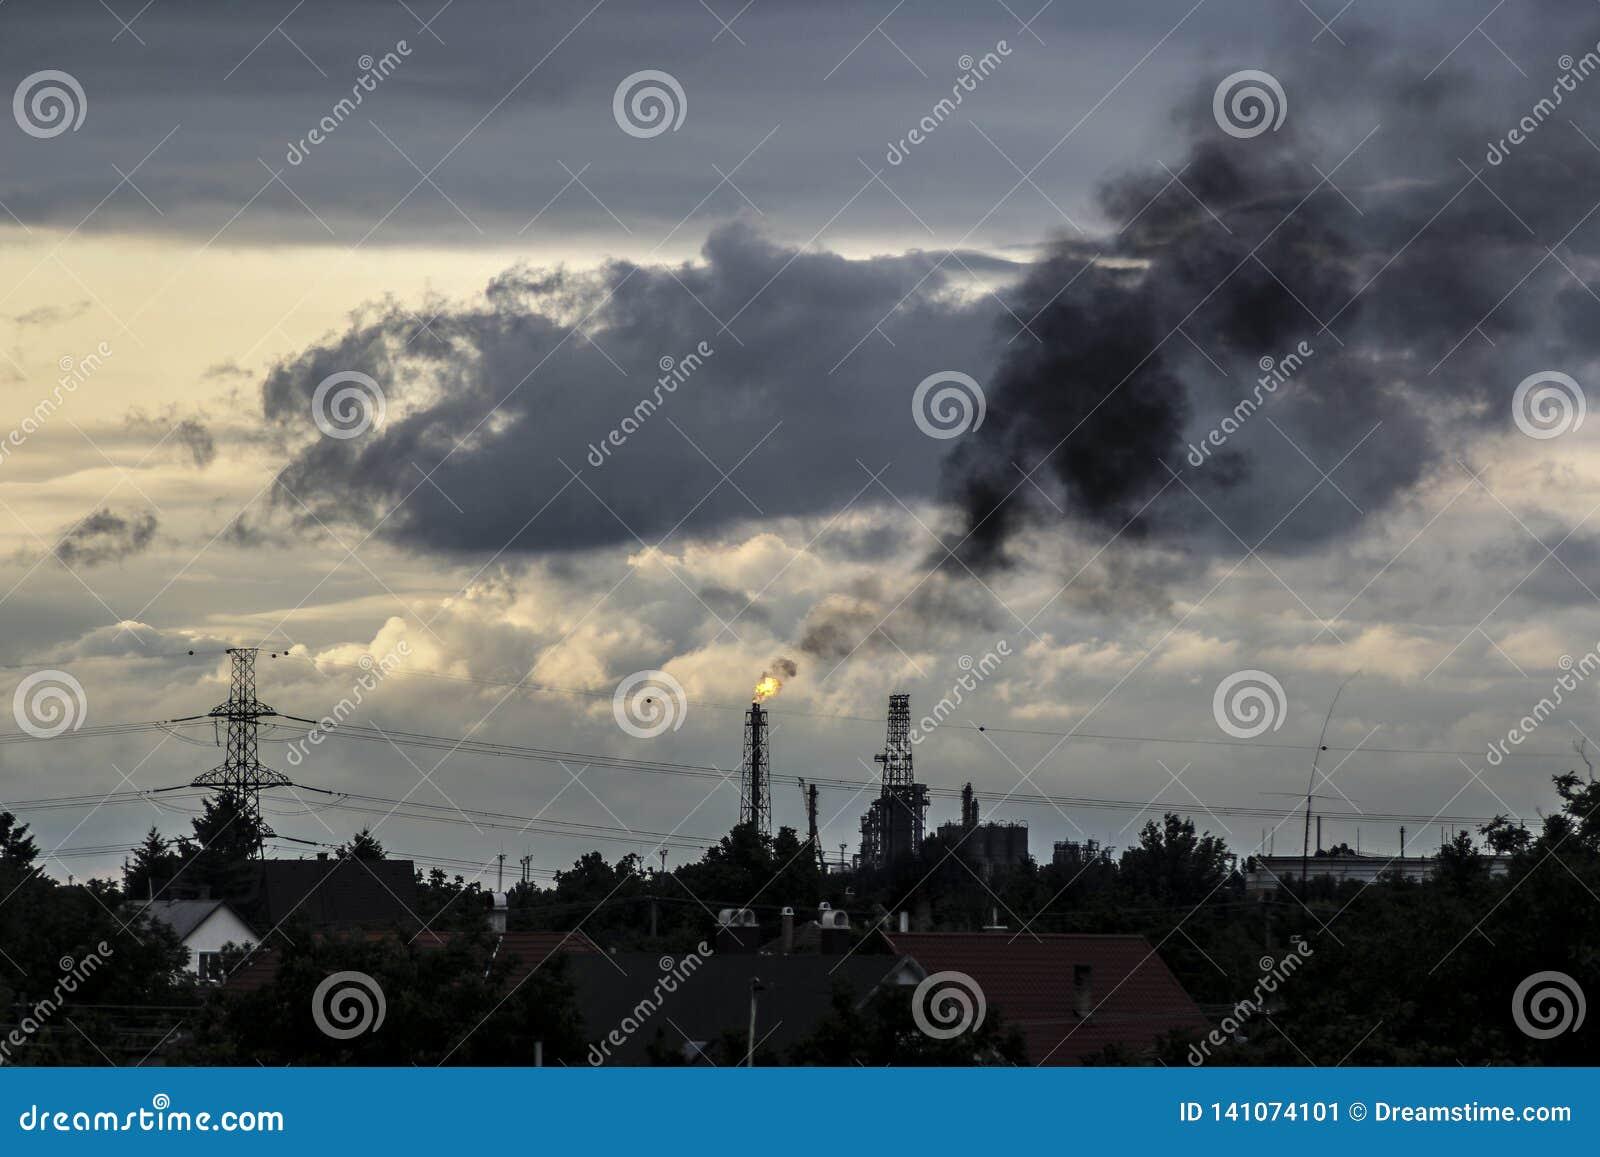 Wat kunnen wij tegen de fabriekenluchtvervuiling doen?